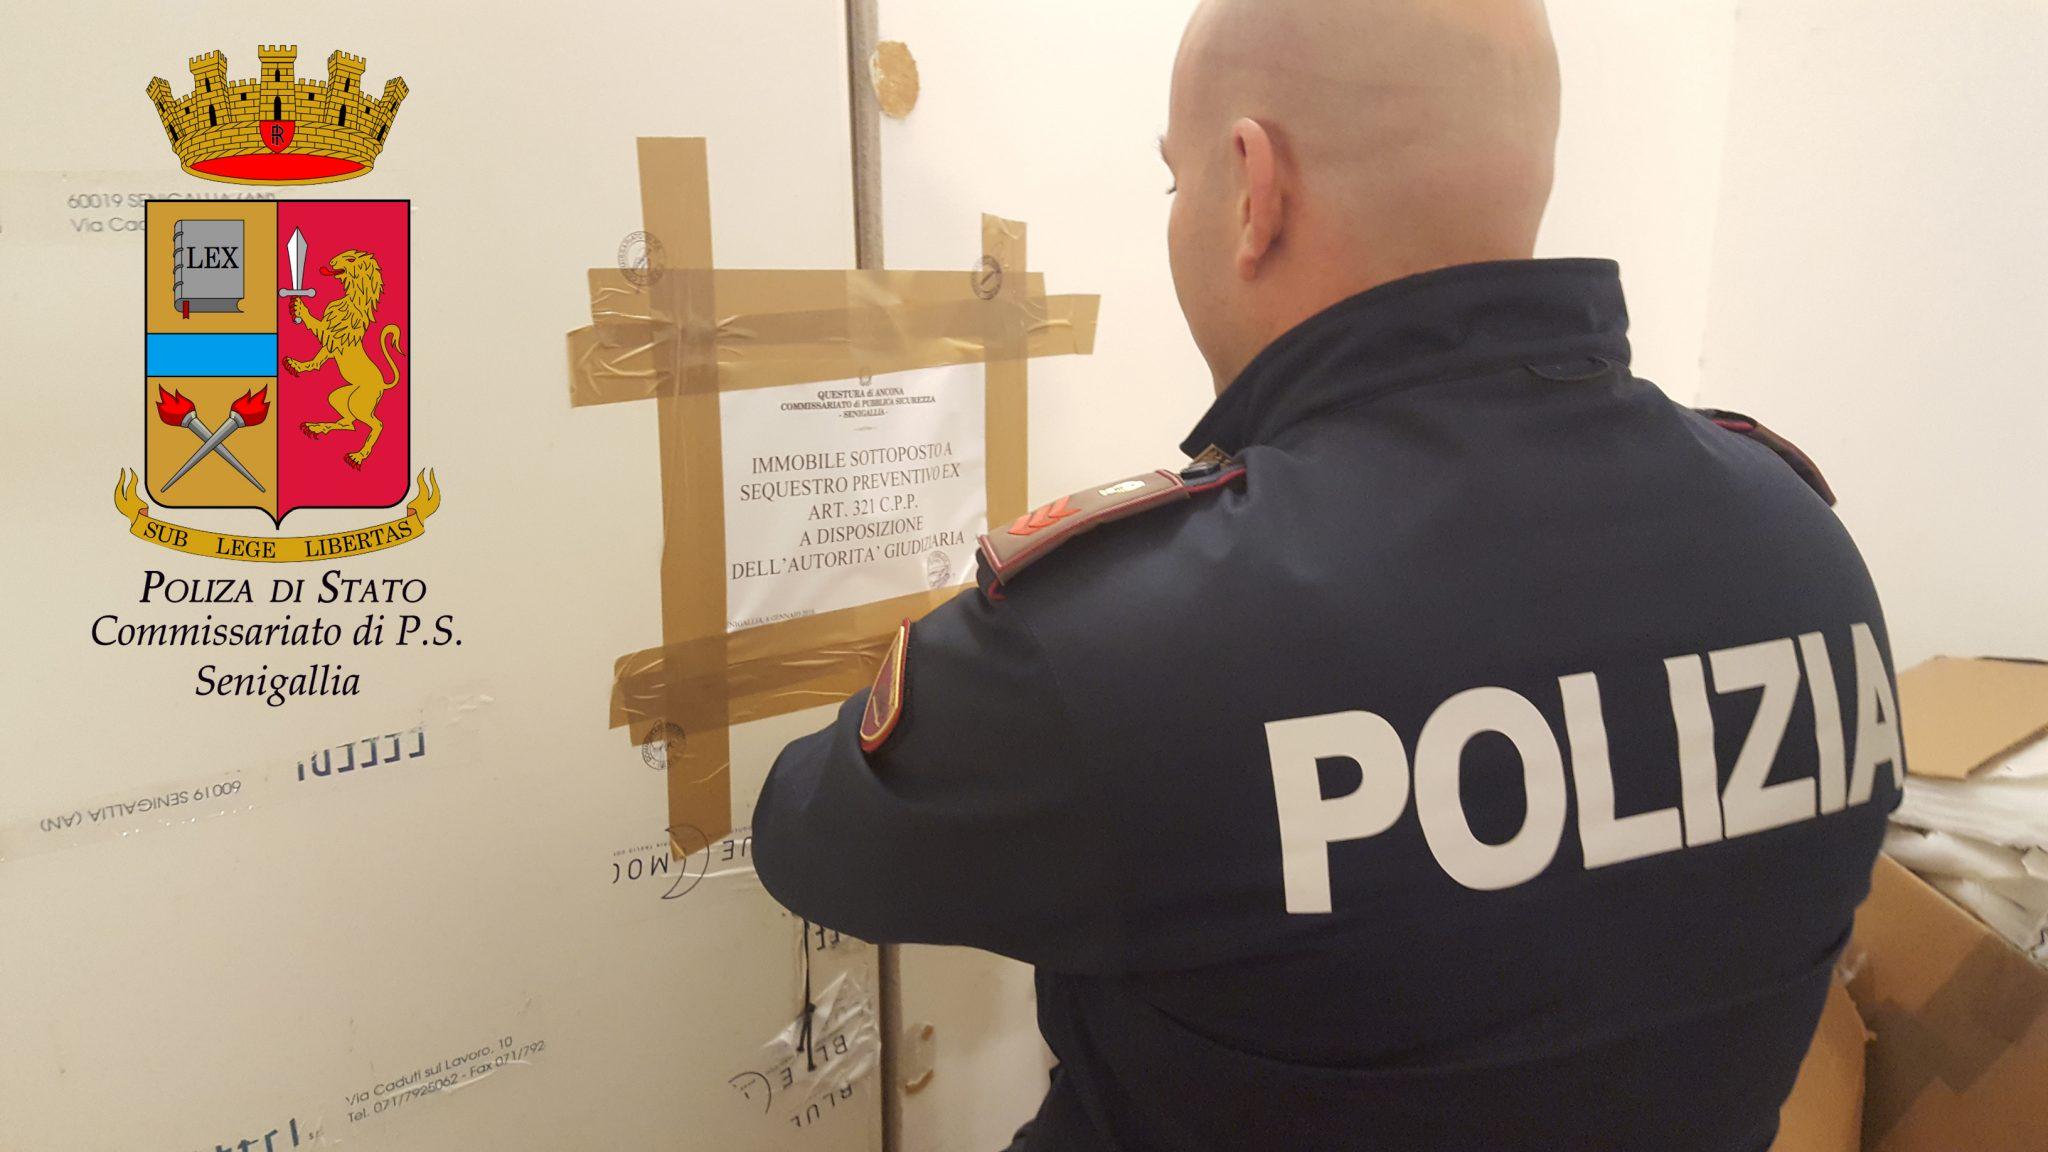 Ufficio Lavoro Senigallia : Sicurezza sul lavoro laboratorio tessile sequestrato e titolare